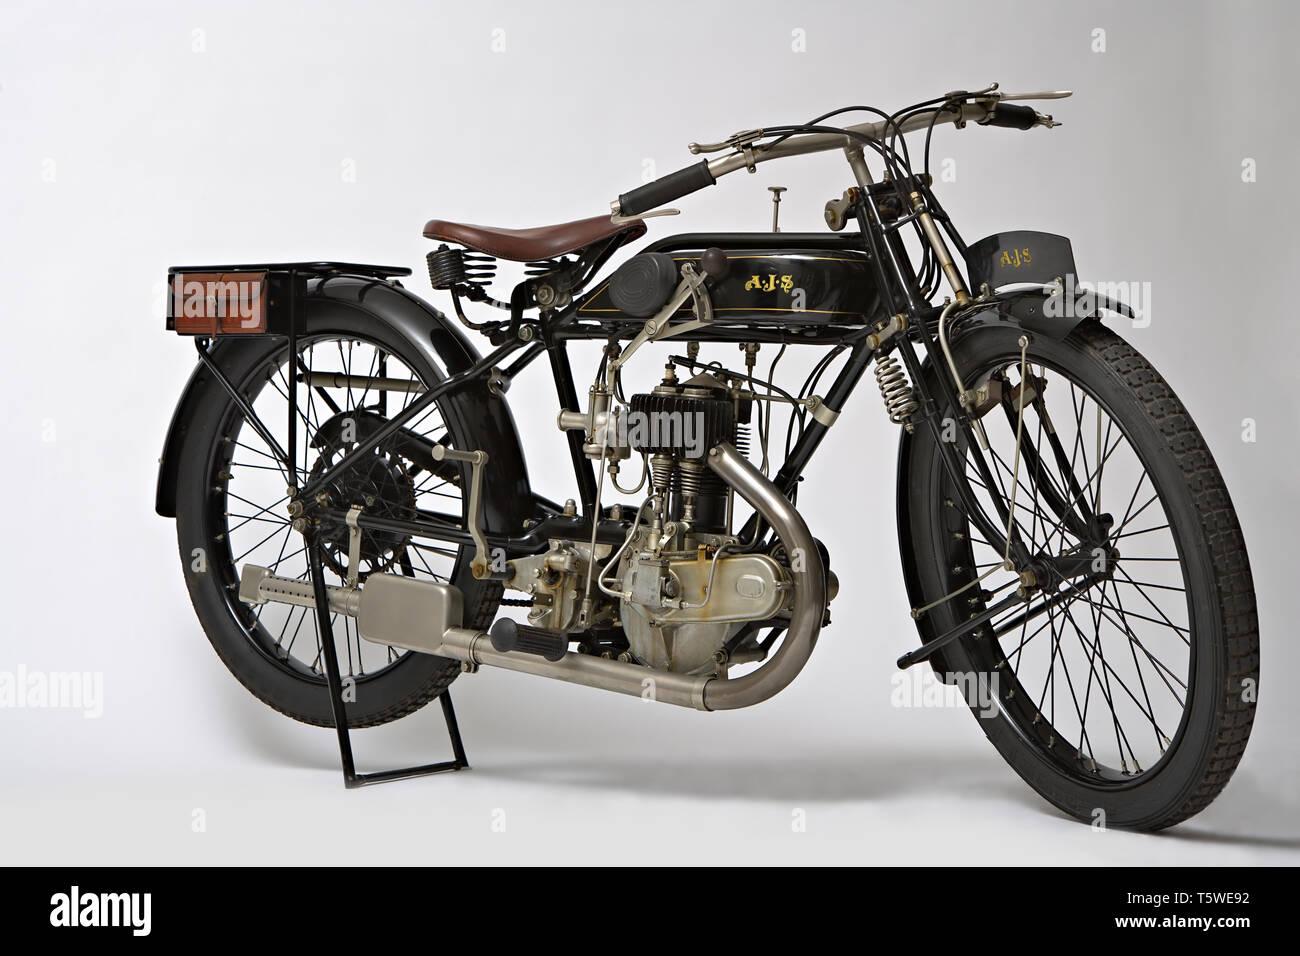 Moto d'epoca AJS ES 350 Marca: AJS modello: ES 350 nazione: Regno Unito - Londra Anno: 1925 condizioni: restaurata cilindrata: 350 Stockfoto